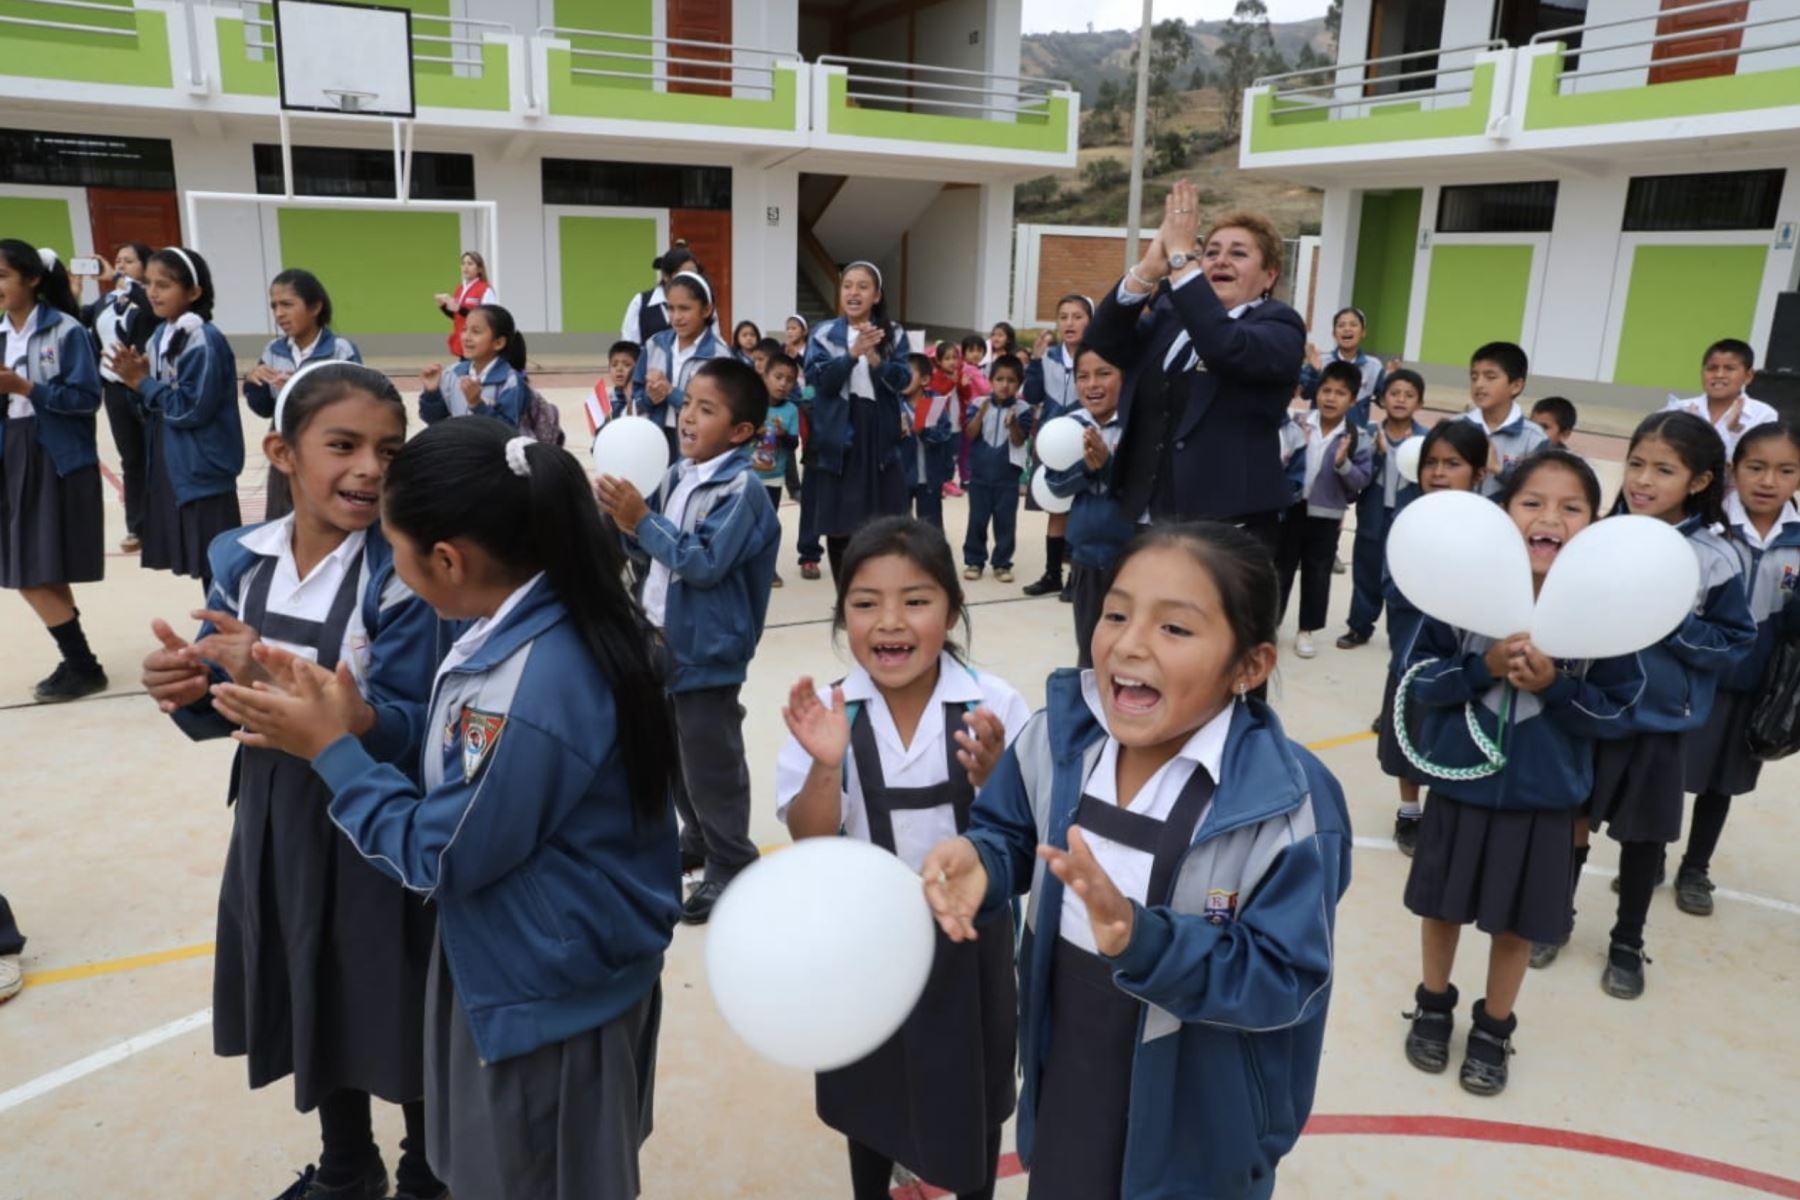 Presidente de la República, Martín Vizcarra, inauguró obras de mejoramiento en la Institución Educativa Miguel Grau de Huarmaca en Piura. Foto:ANDINA/Prensa Presidencia